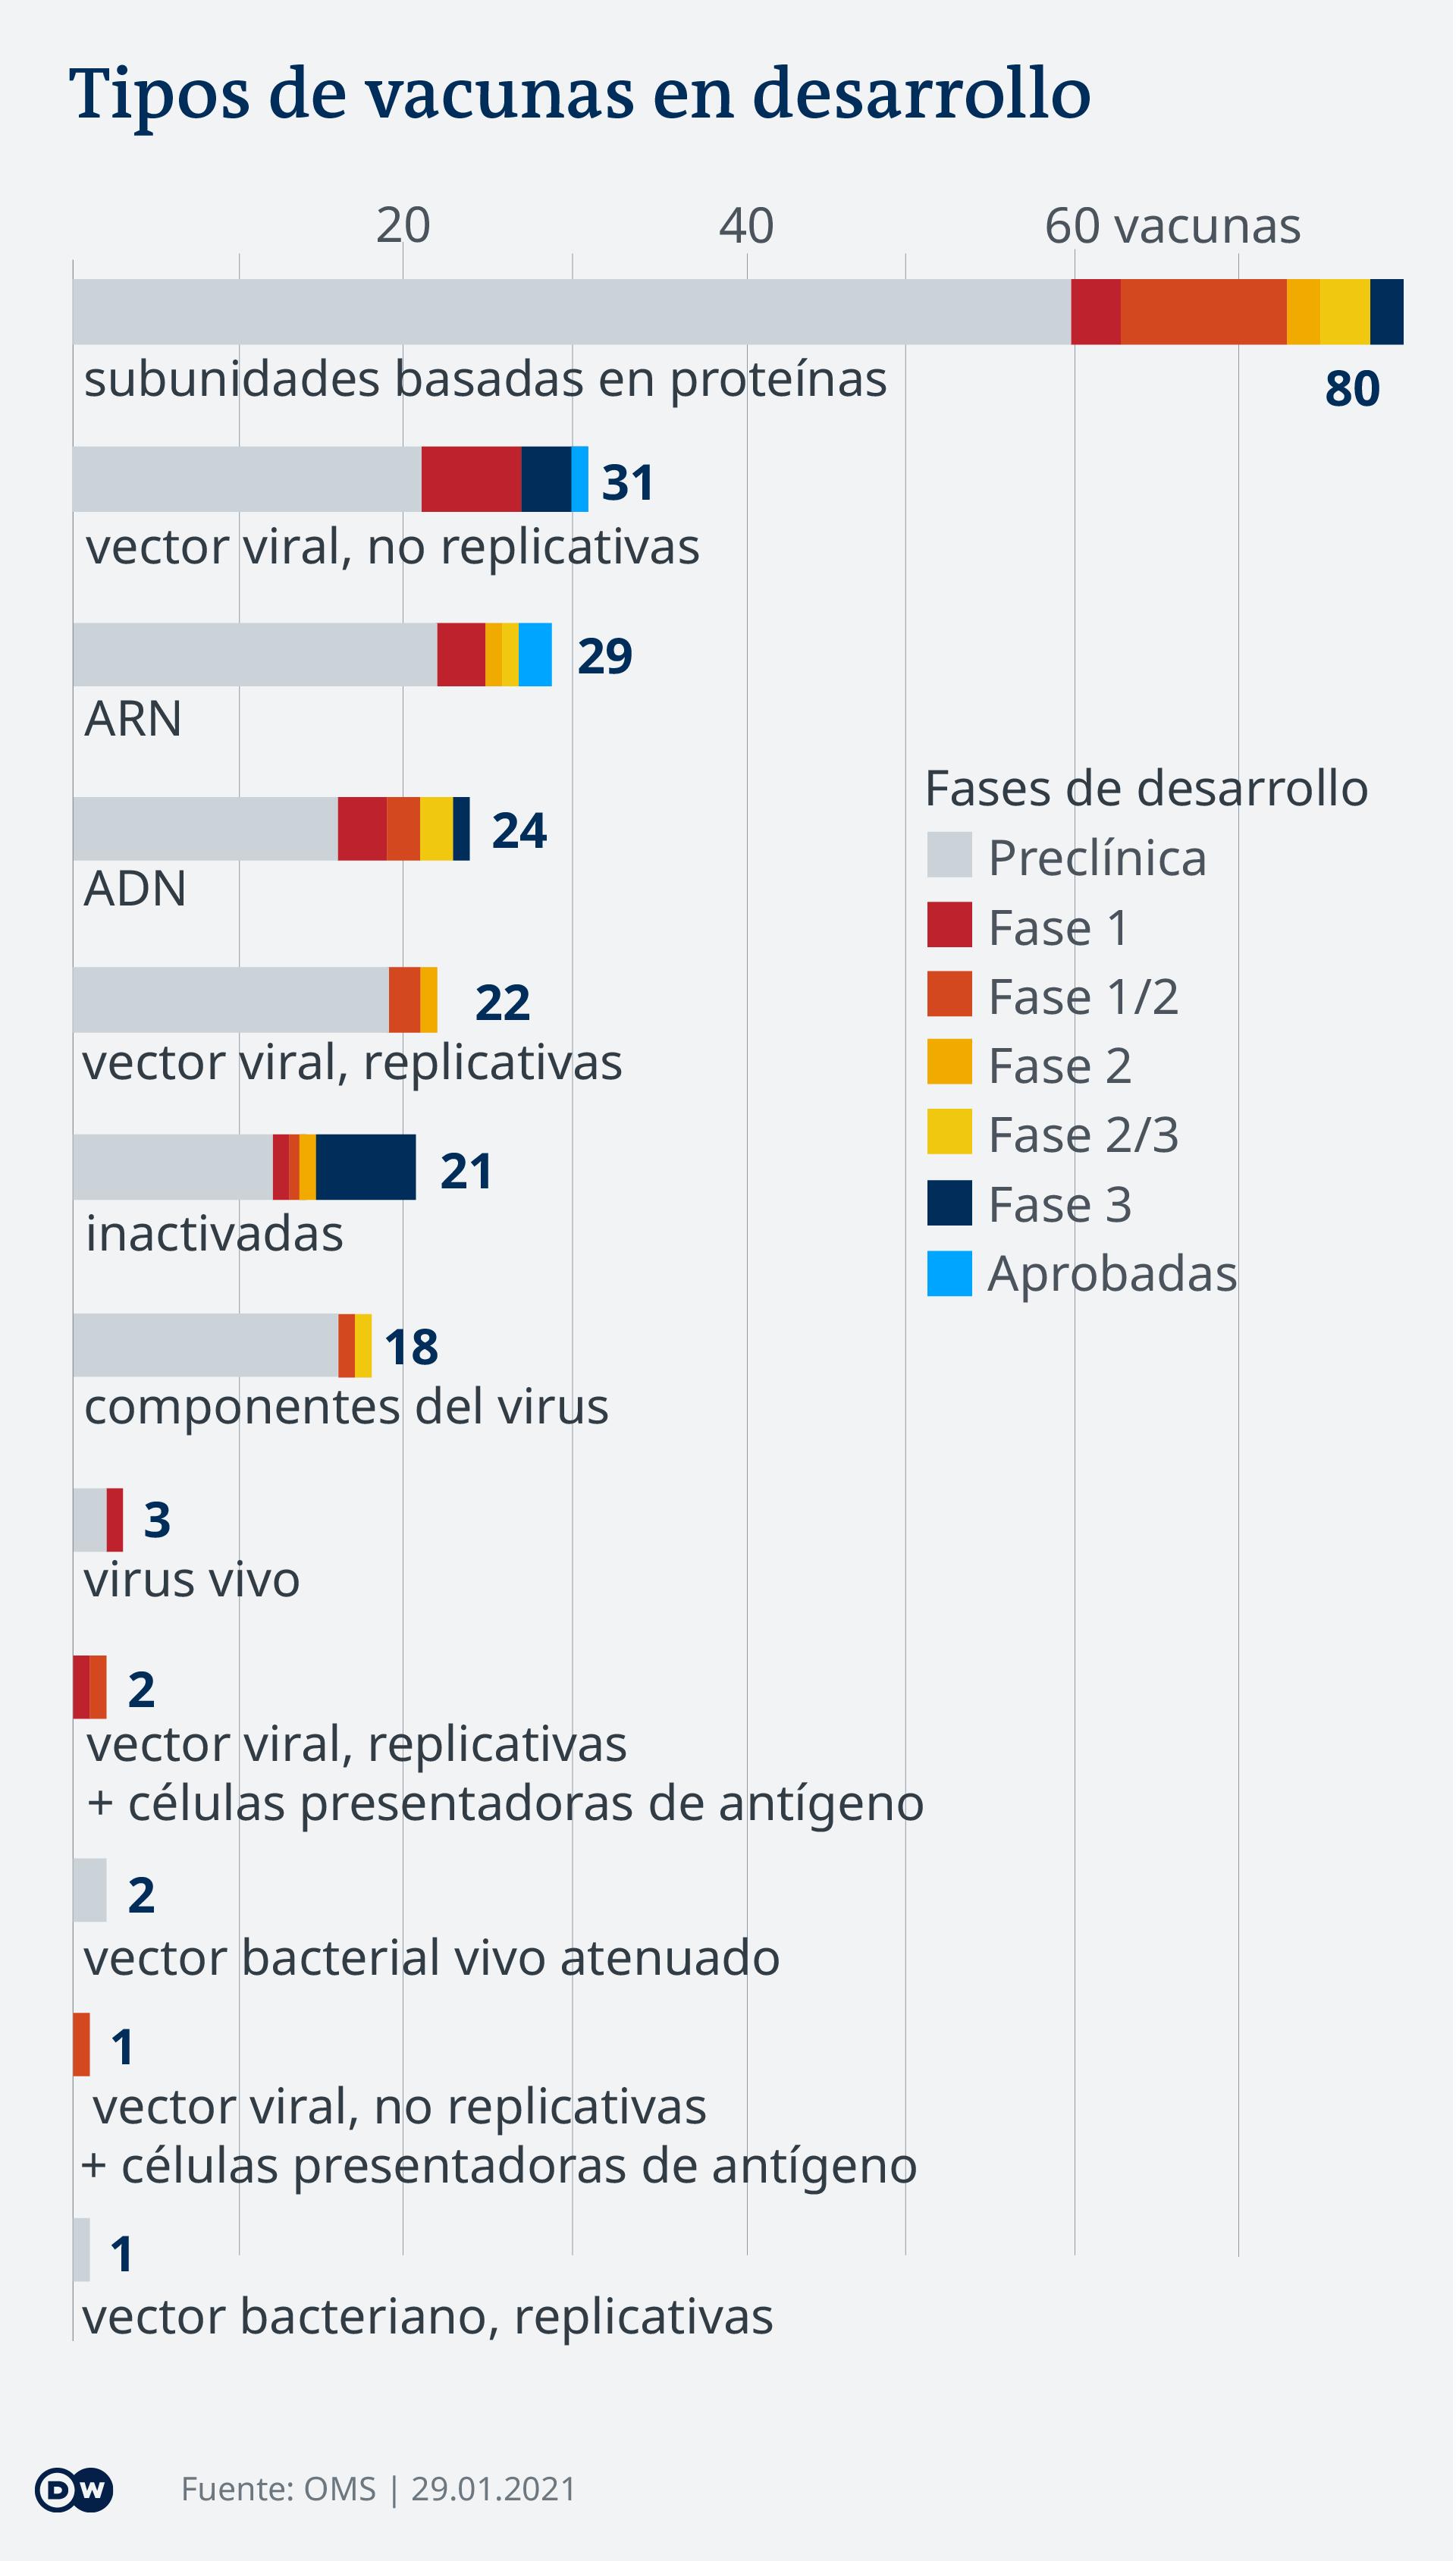 Infografía de los tipos de vacunas contra COVID-19 que están siendo desarrolladas